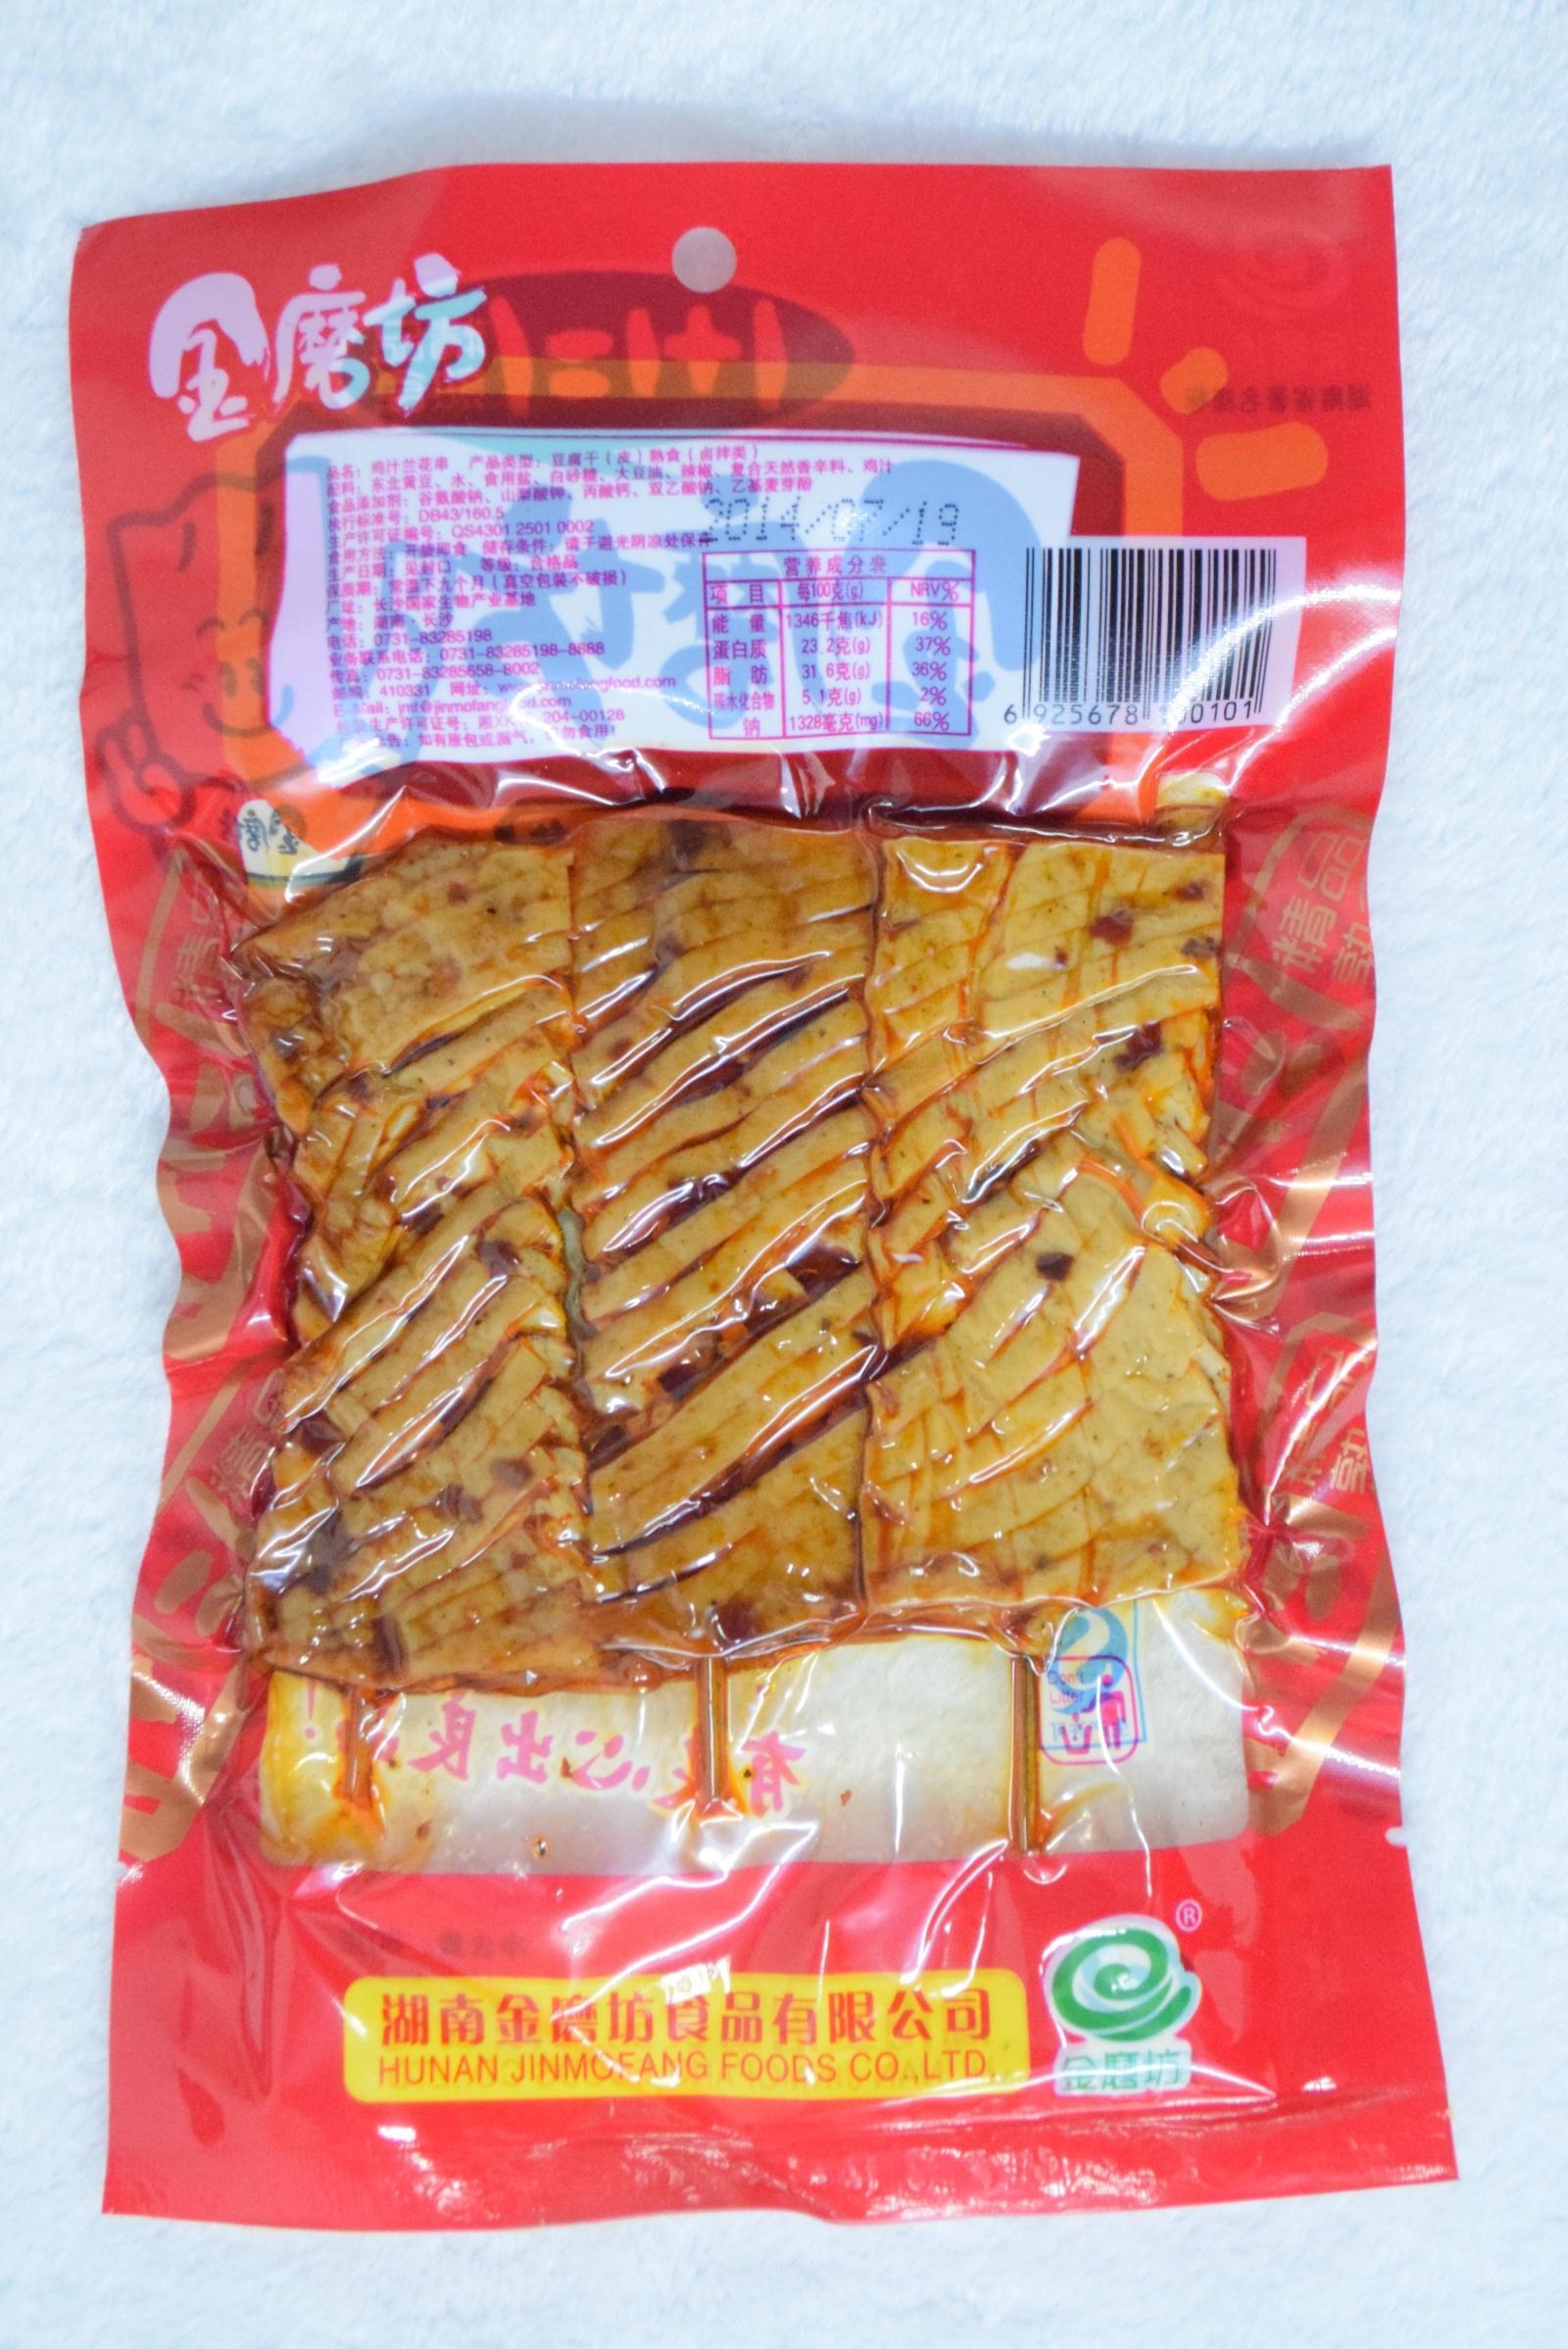 豆制品麻辣金磨坊鸡汁兰花串90克/包湖南特产 豆干休闲零食批发部